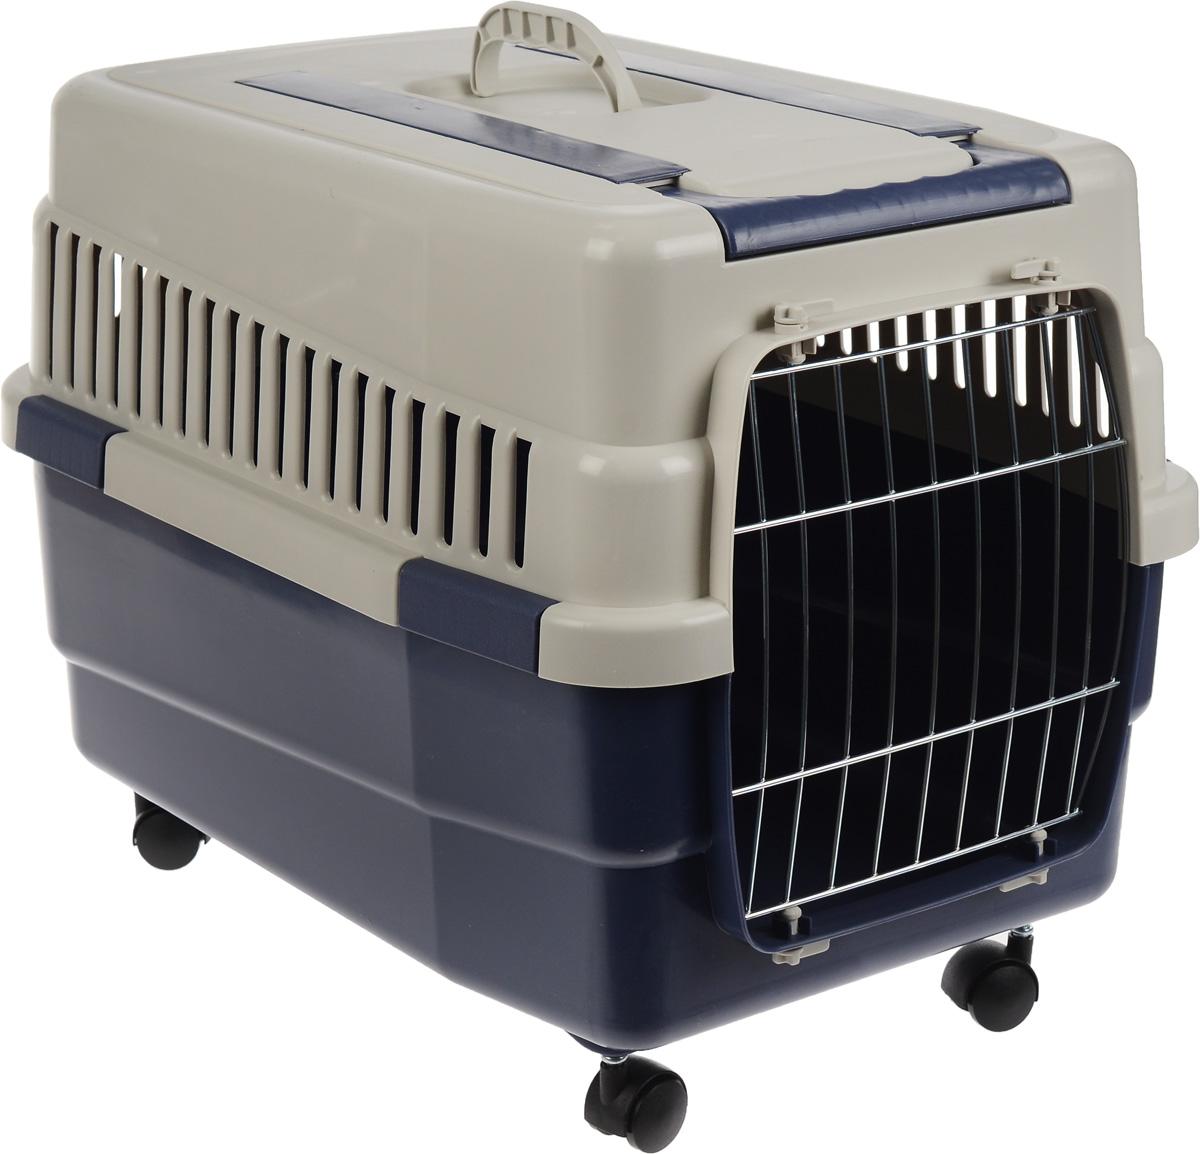 Переноска для животных IMAC  Kim 60 , на колесах, цвет: светло-серый, синий, 60 х 40 х 45 см